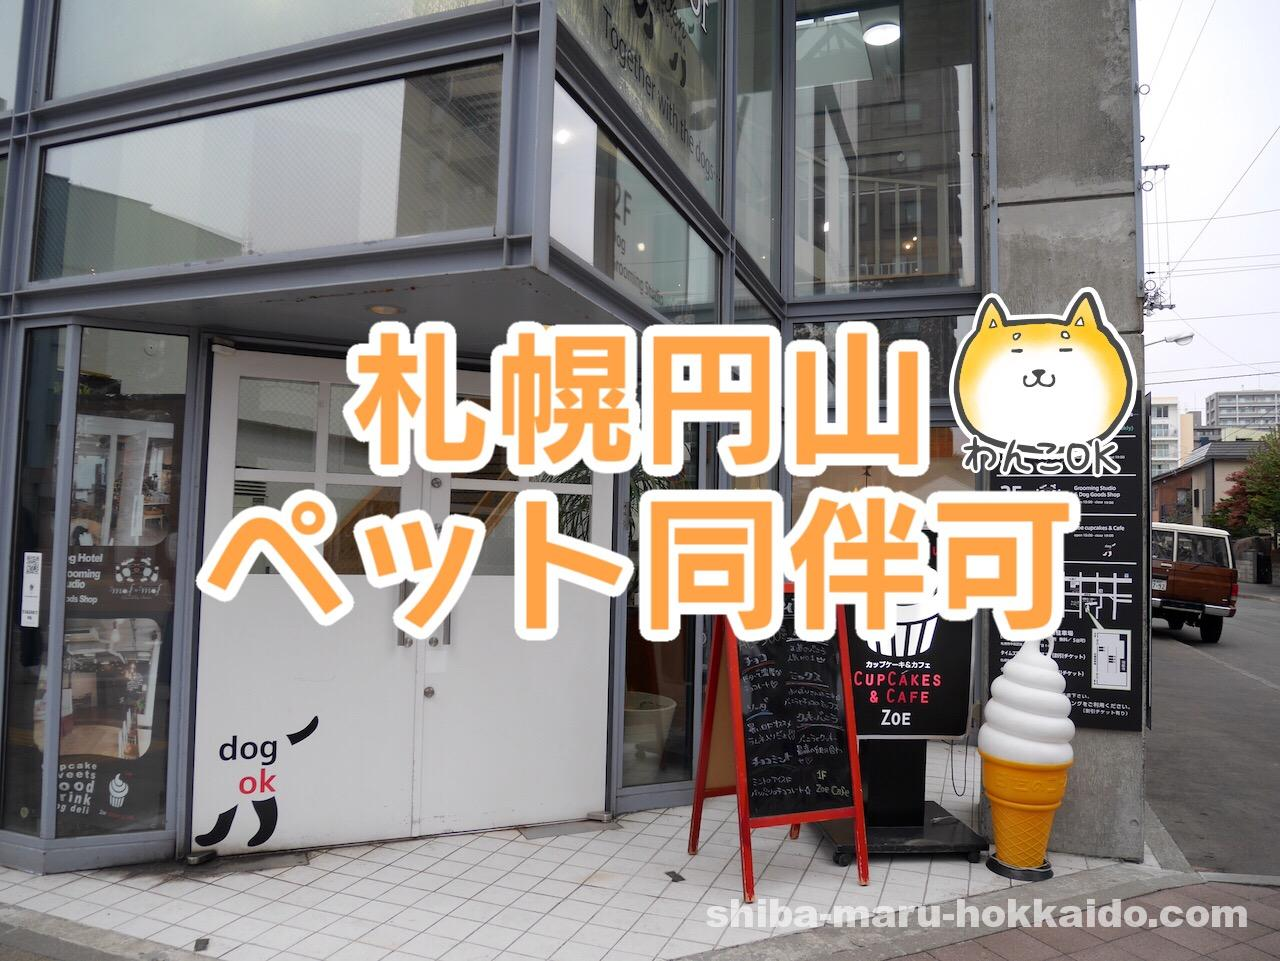 札幌円山の犬同伴可!「Zoe CupCakes&Cafe」でカップケーキを食べてきた!